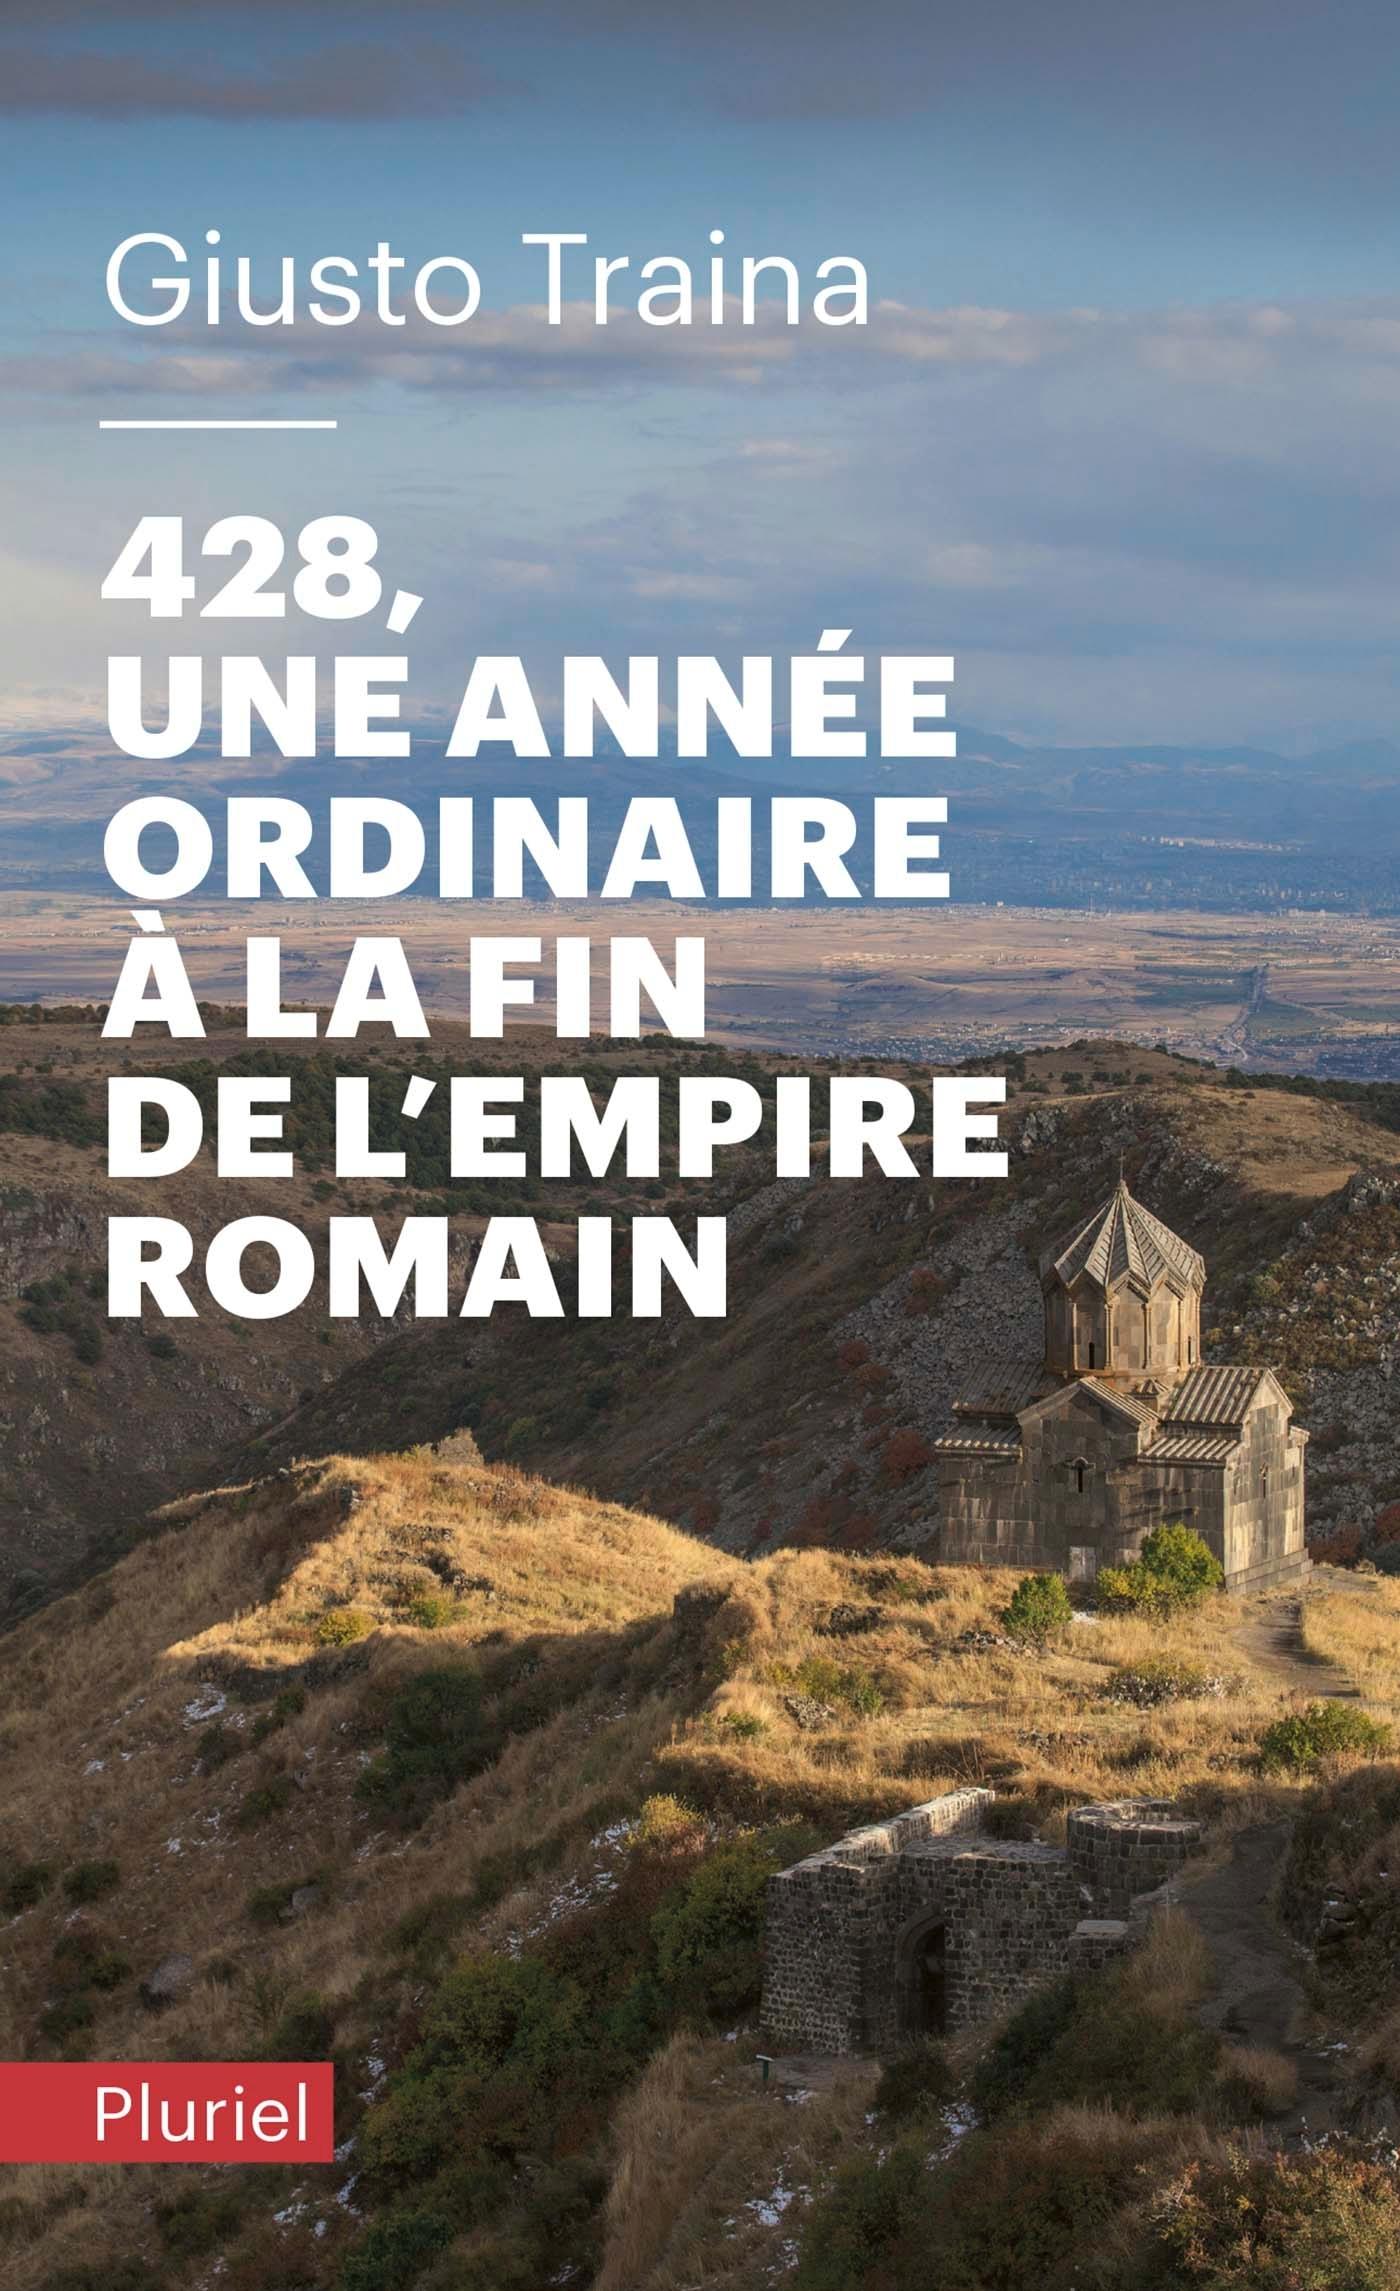 428, UNE ANNEE ORDINAIRE A LA FIN DE L'EMPIRE ROMAIN